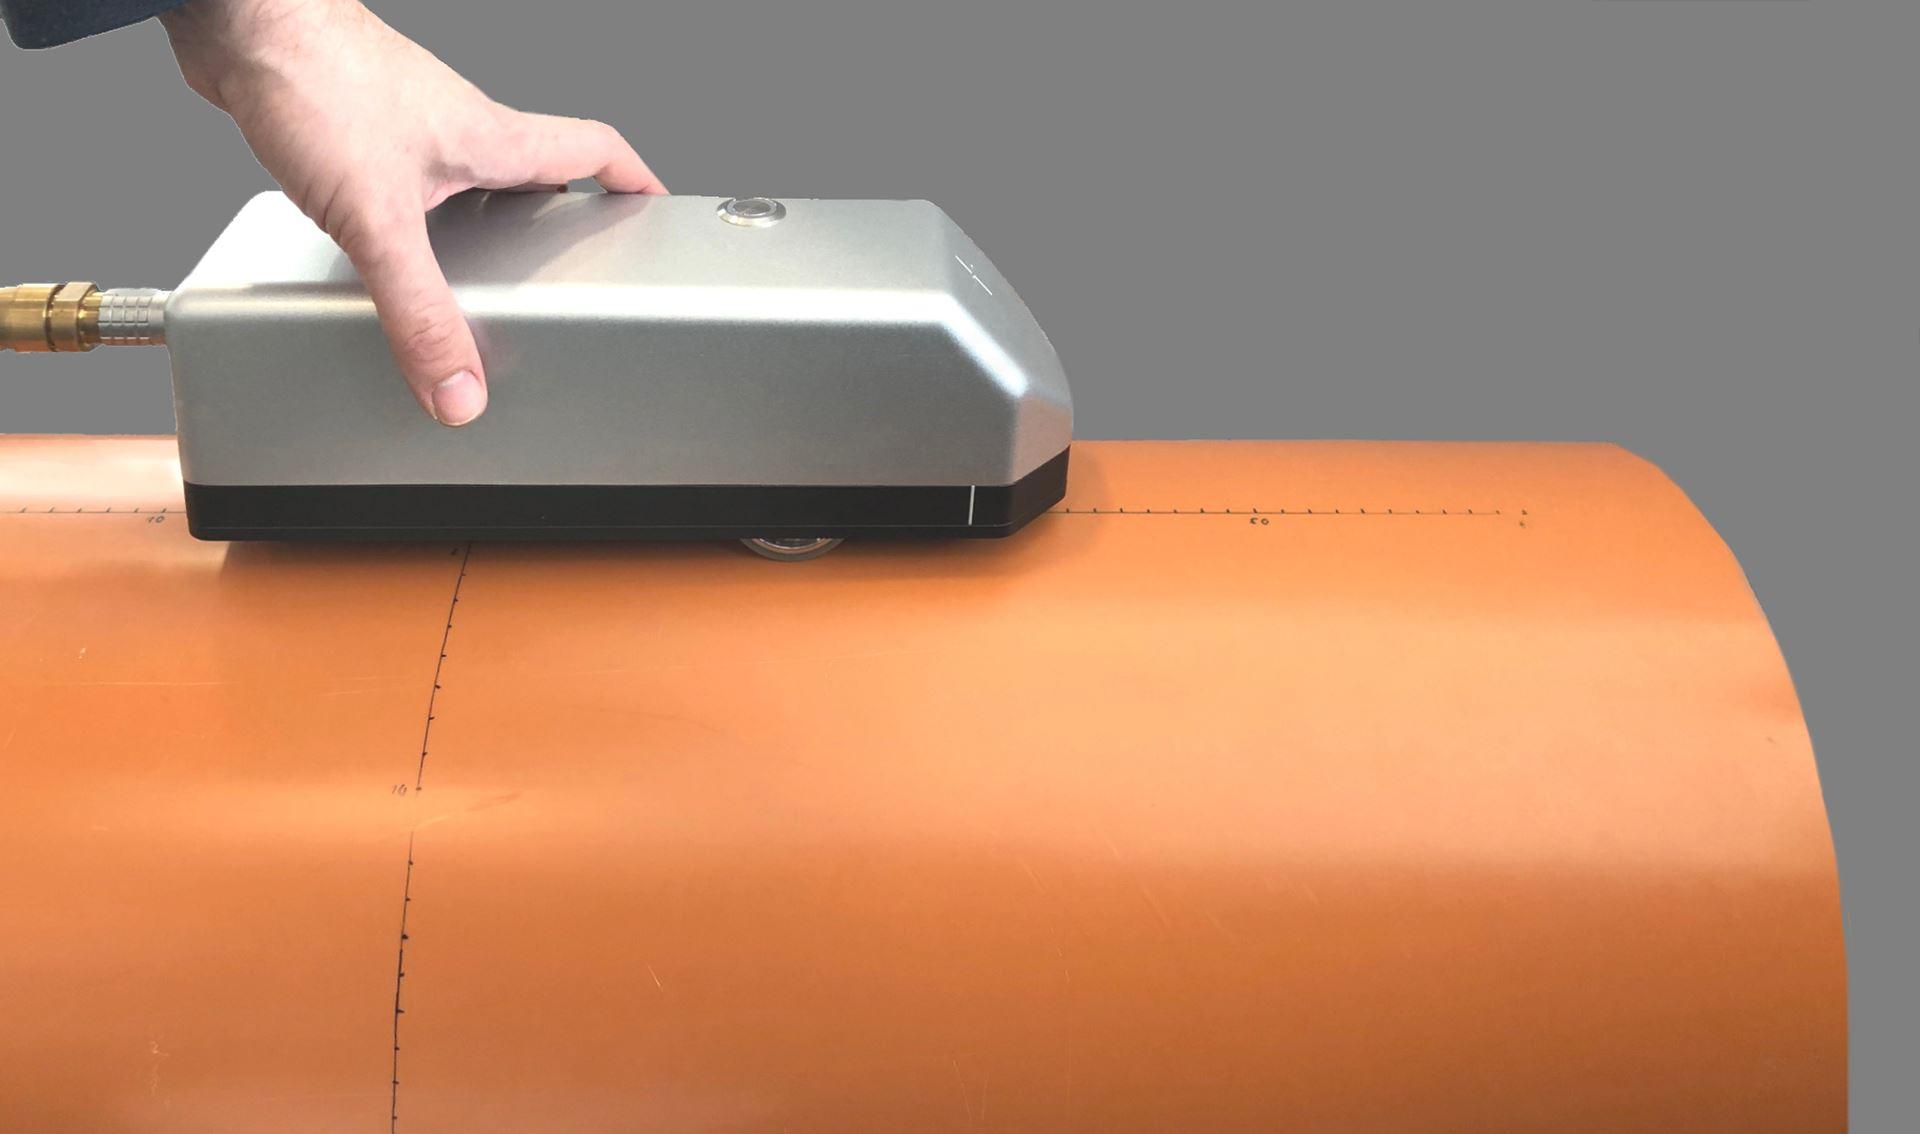 Mobiler Terahertz-Handscanner (Quelle: Fraunhofer ITWM)